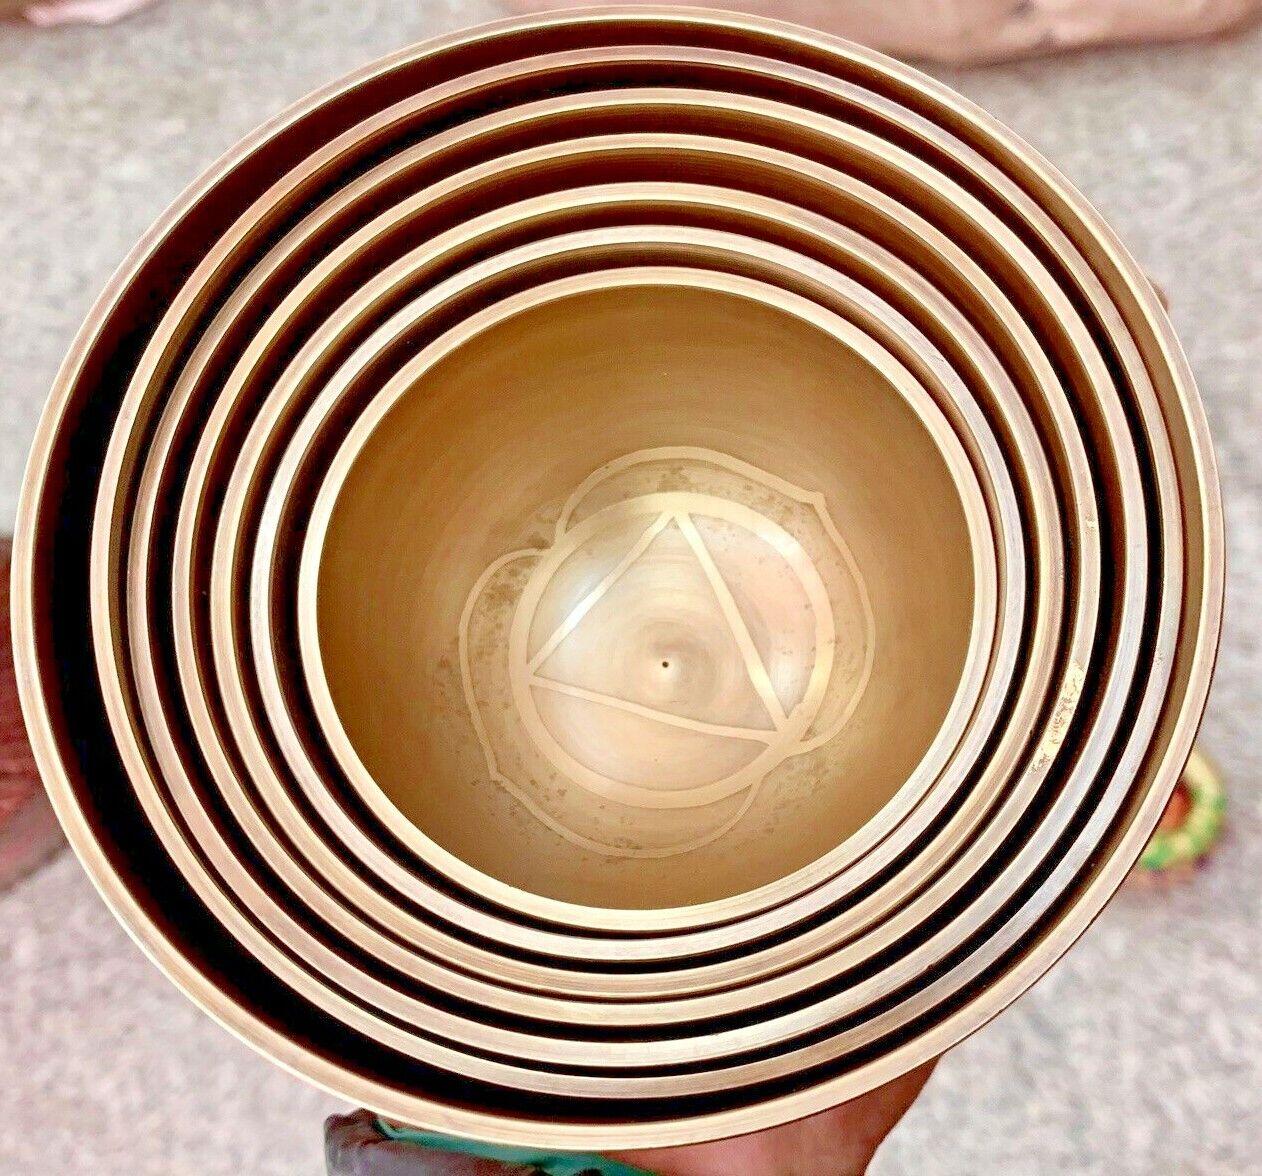 Set of 7 Singing bowl-tibetan singing bowl-Meditation bowl-spiritual- Healing